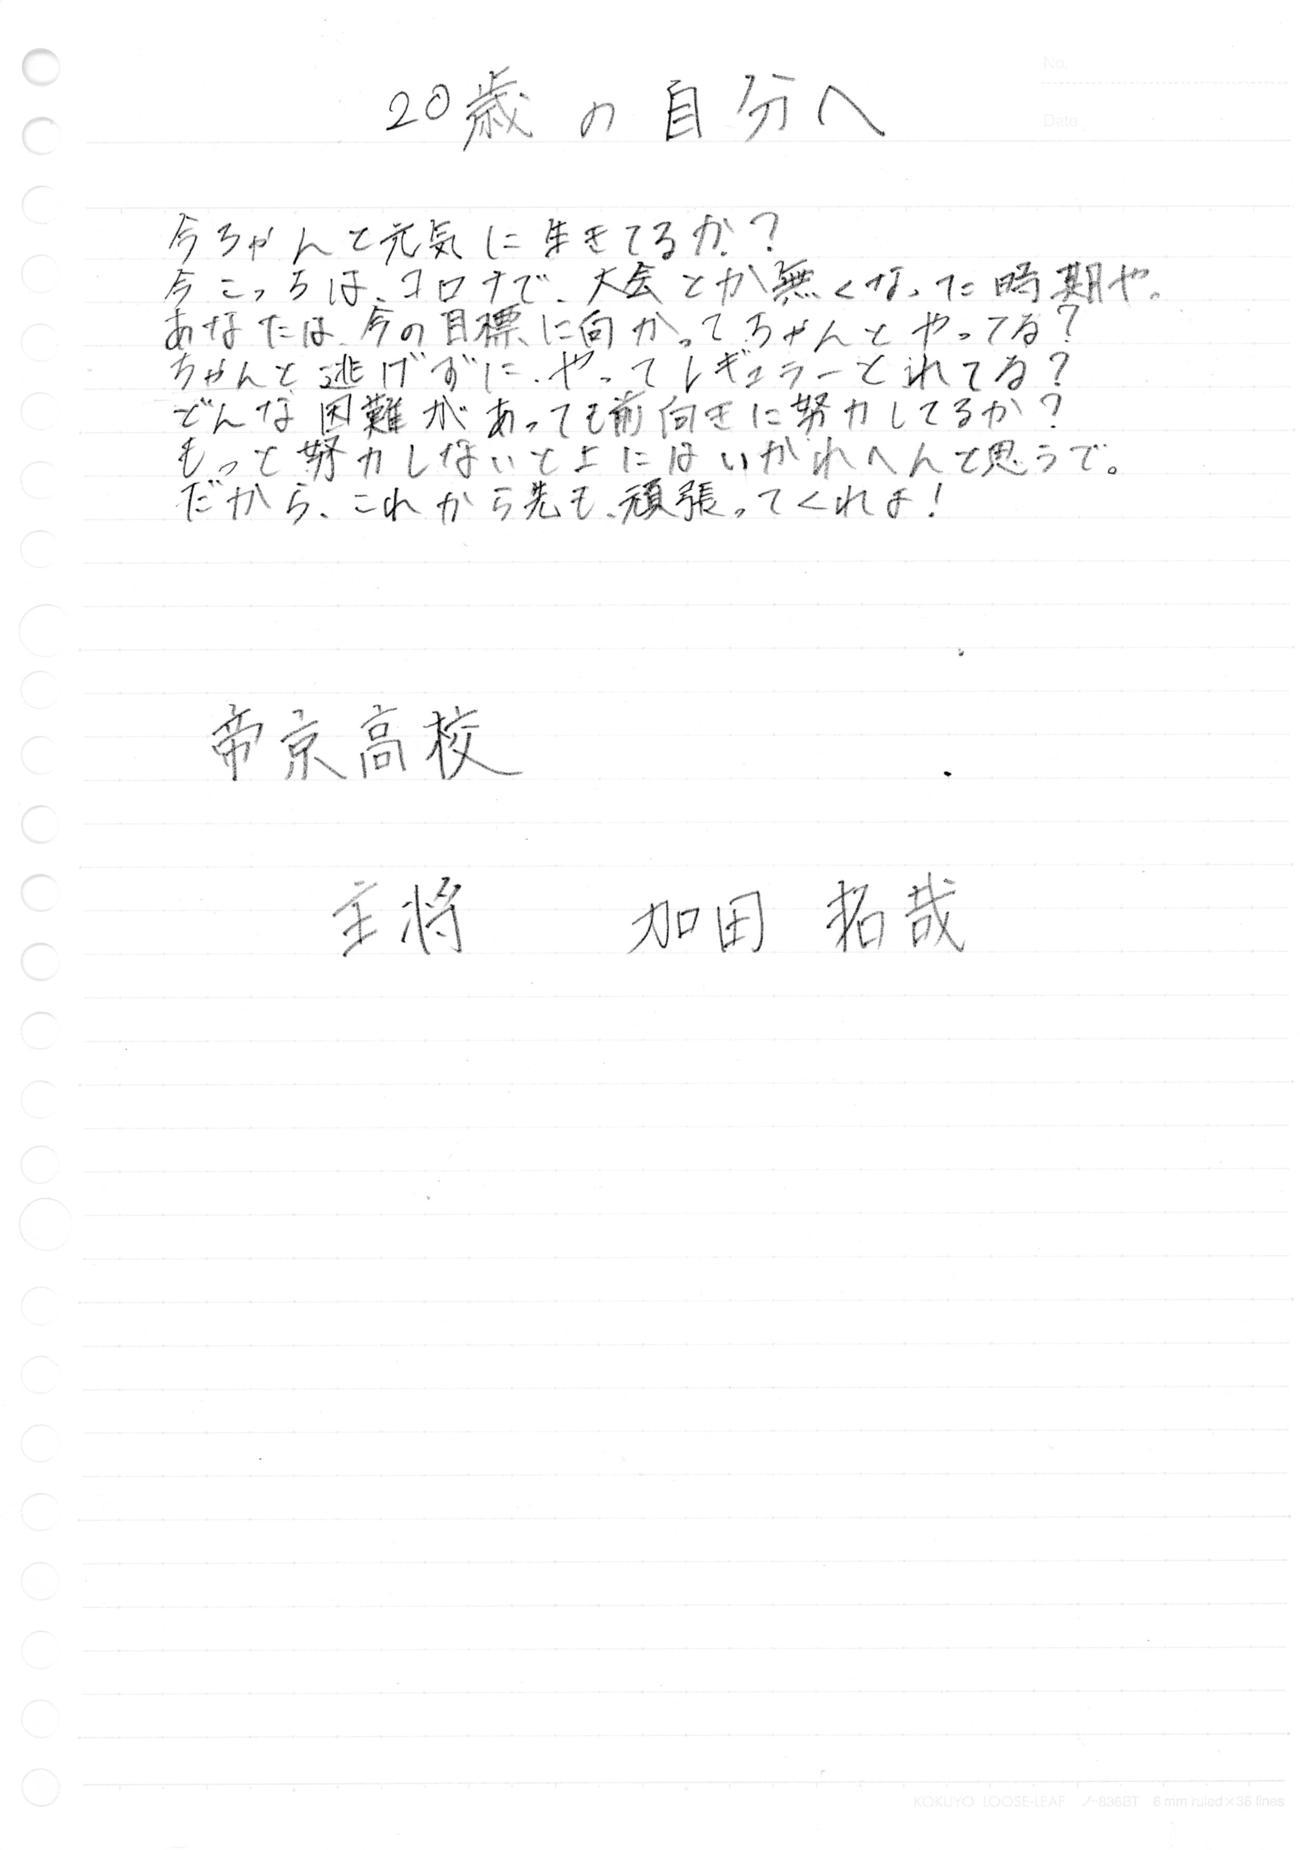 帝京・加田主将から20歳の自分への手紙